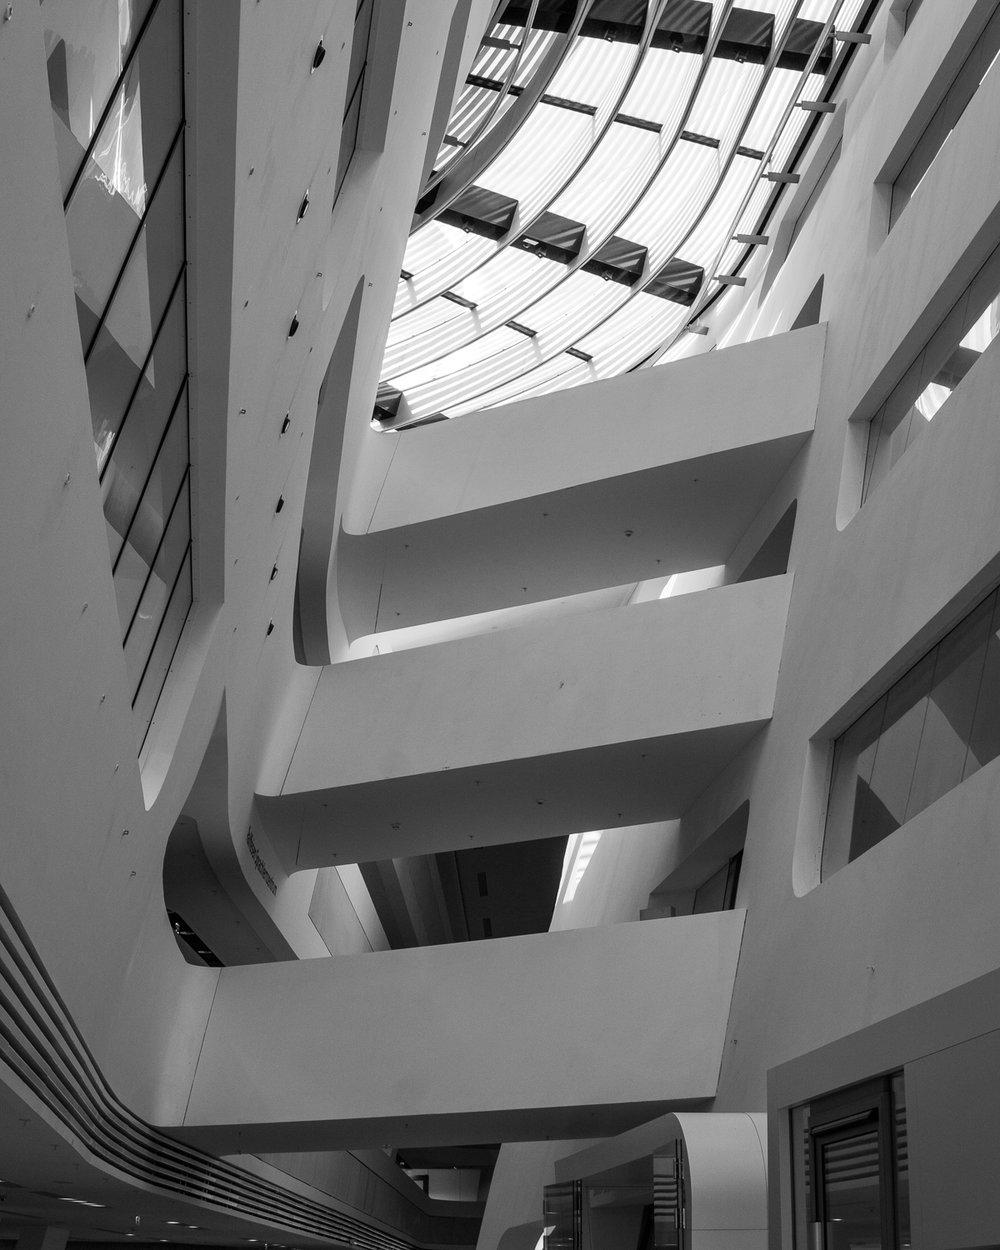 zaha hadid, library, university of vienna, austria